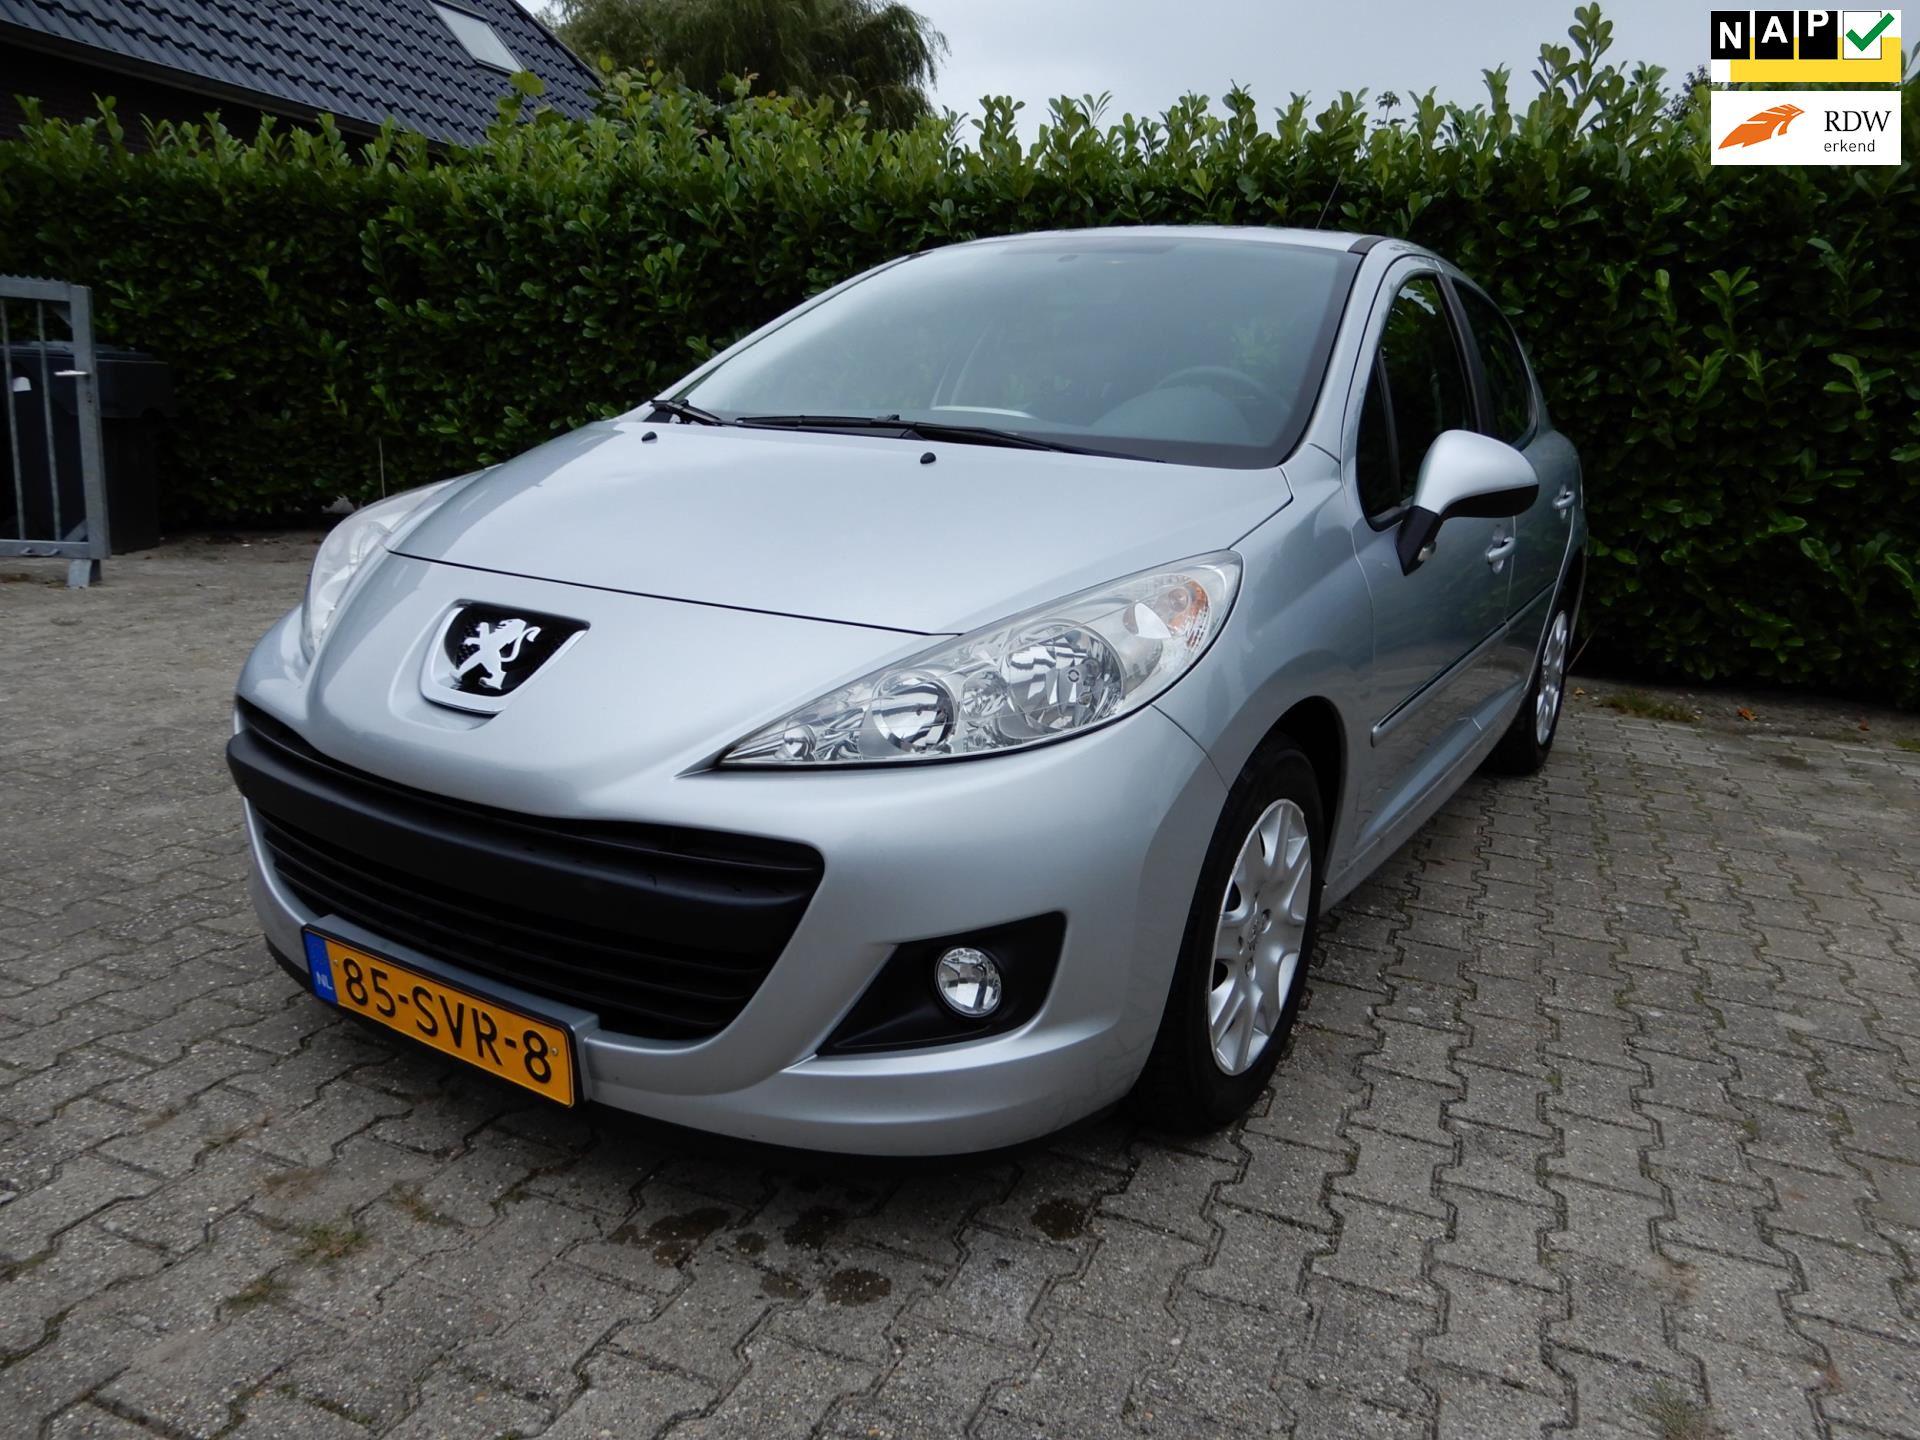 Peugeot 207 occasion - Autobedrijf Nieuwbroek